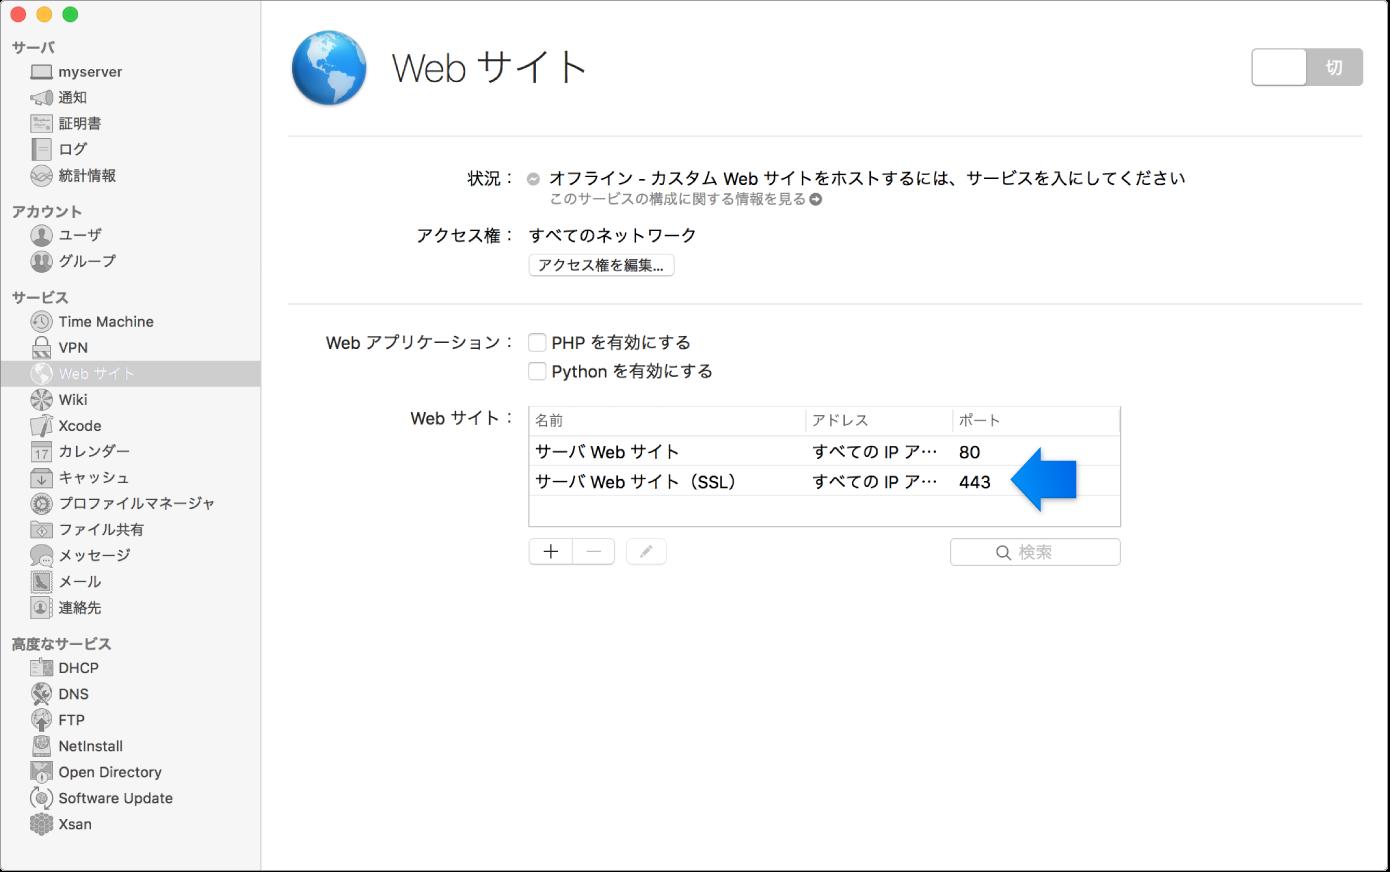 デフォルト SSL Web サイトを選択したところ